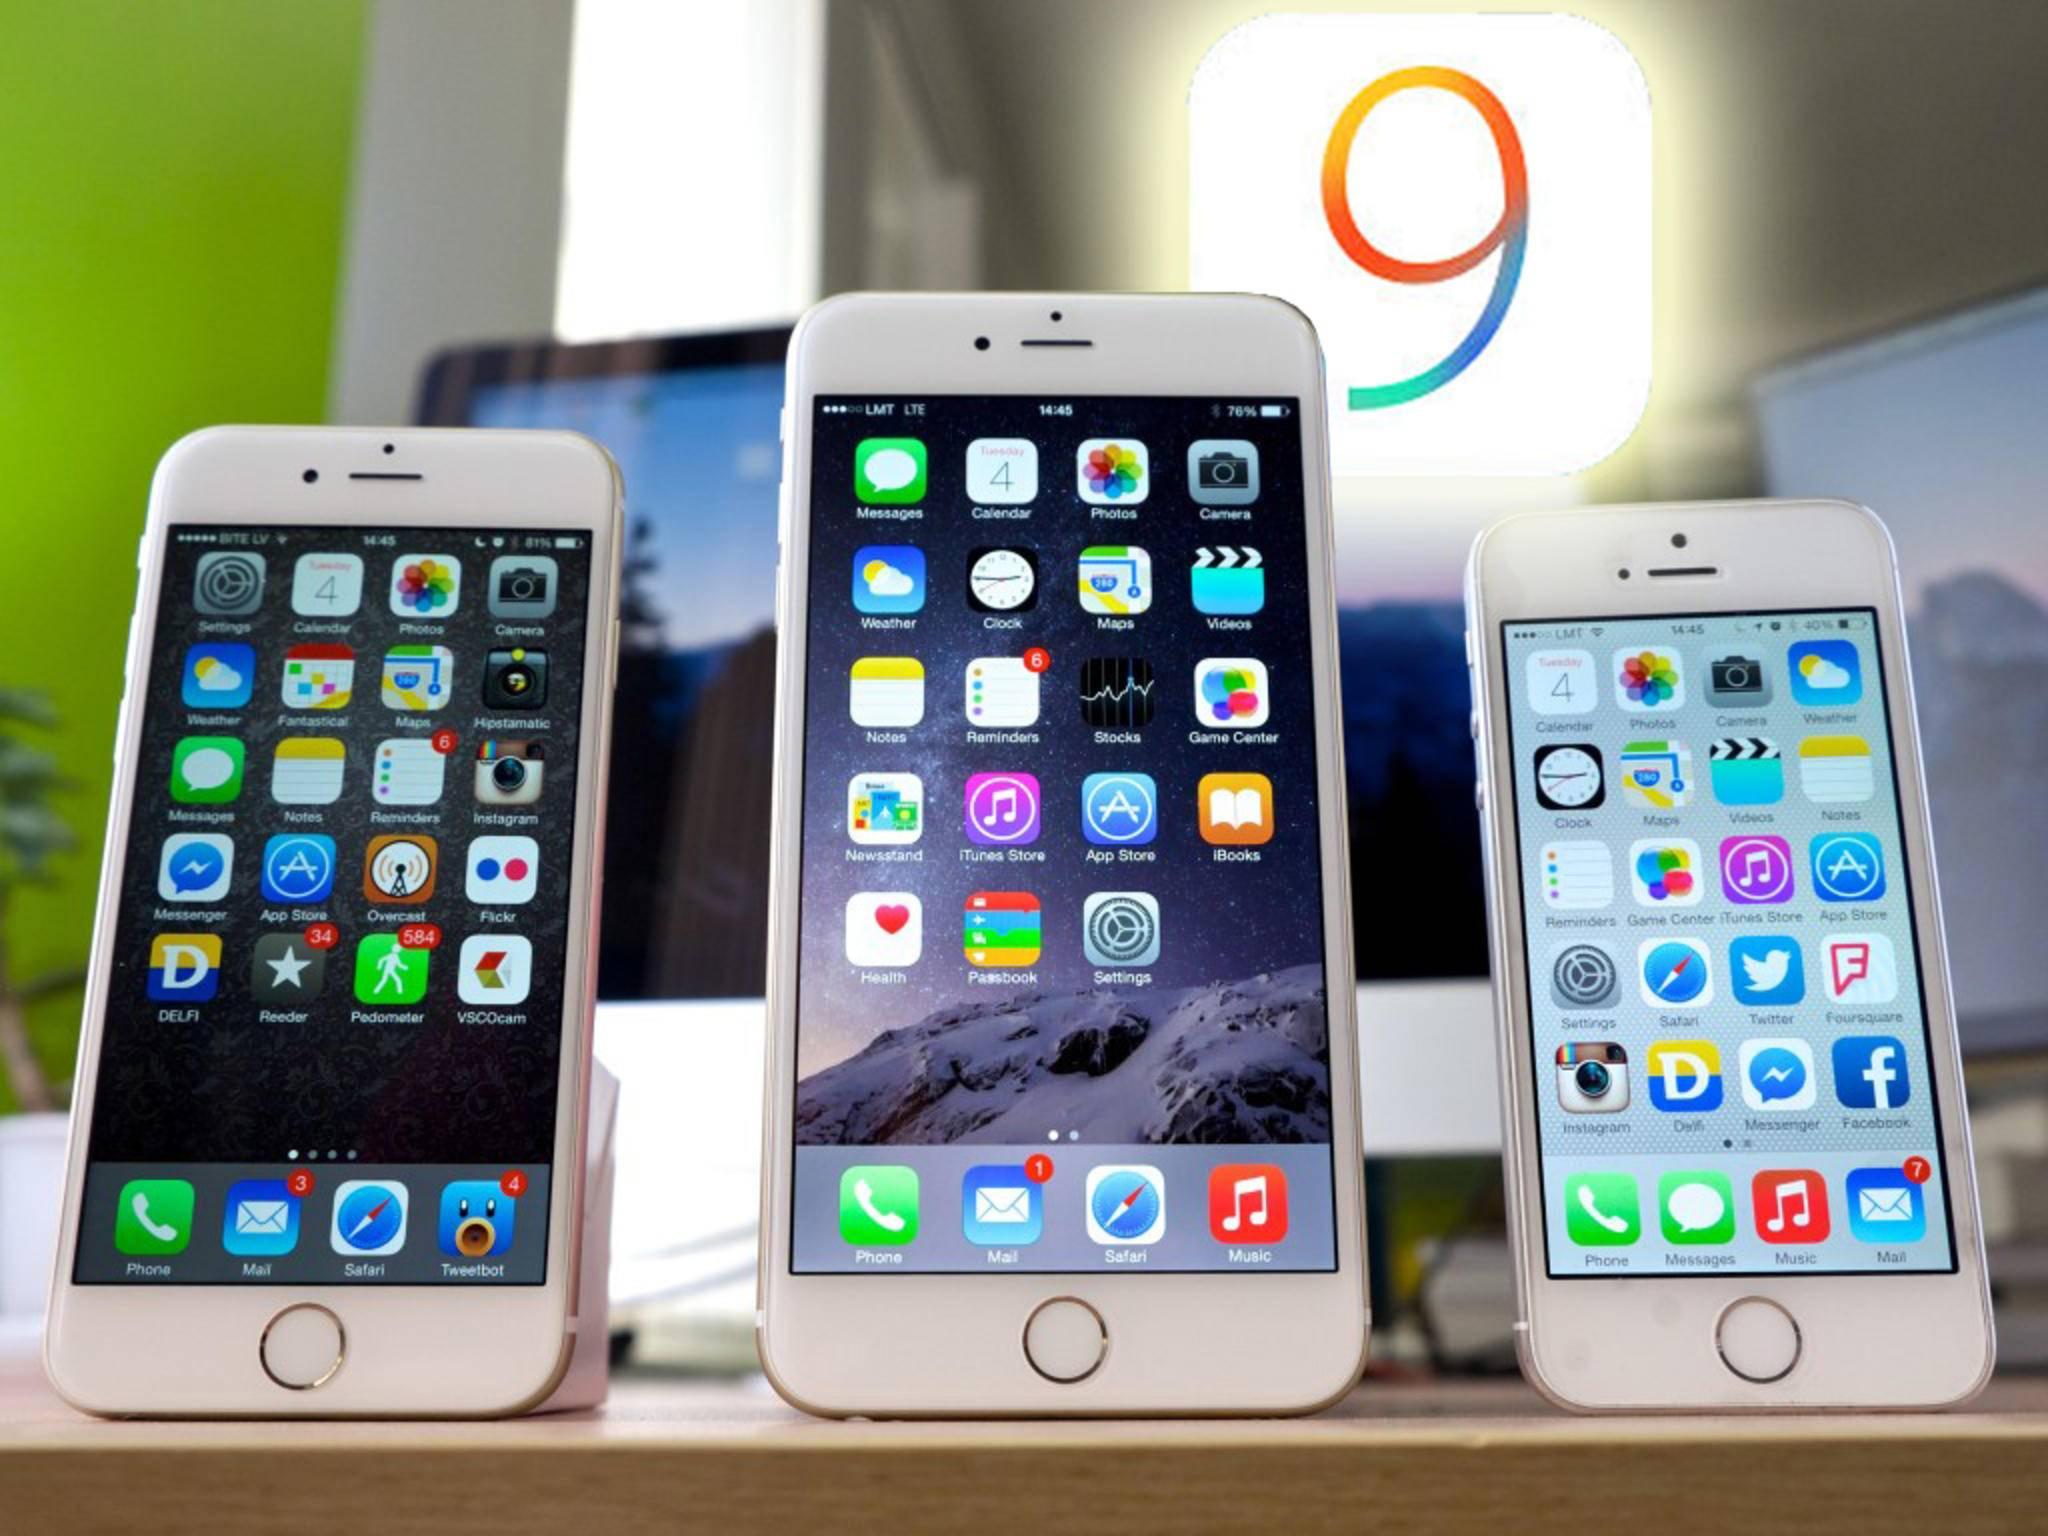 Immer noch Jailbreaks möglich: iOS 9 ist nicht unknackbar.